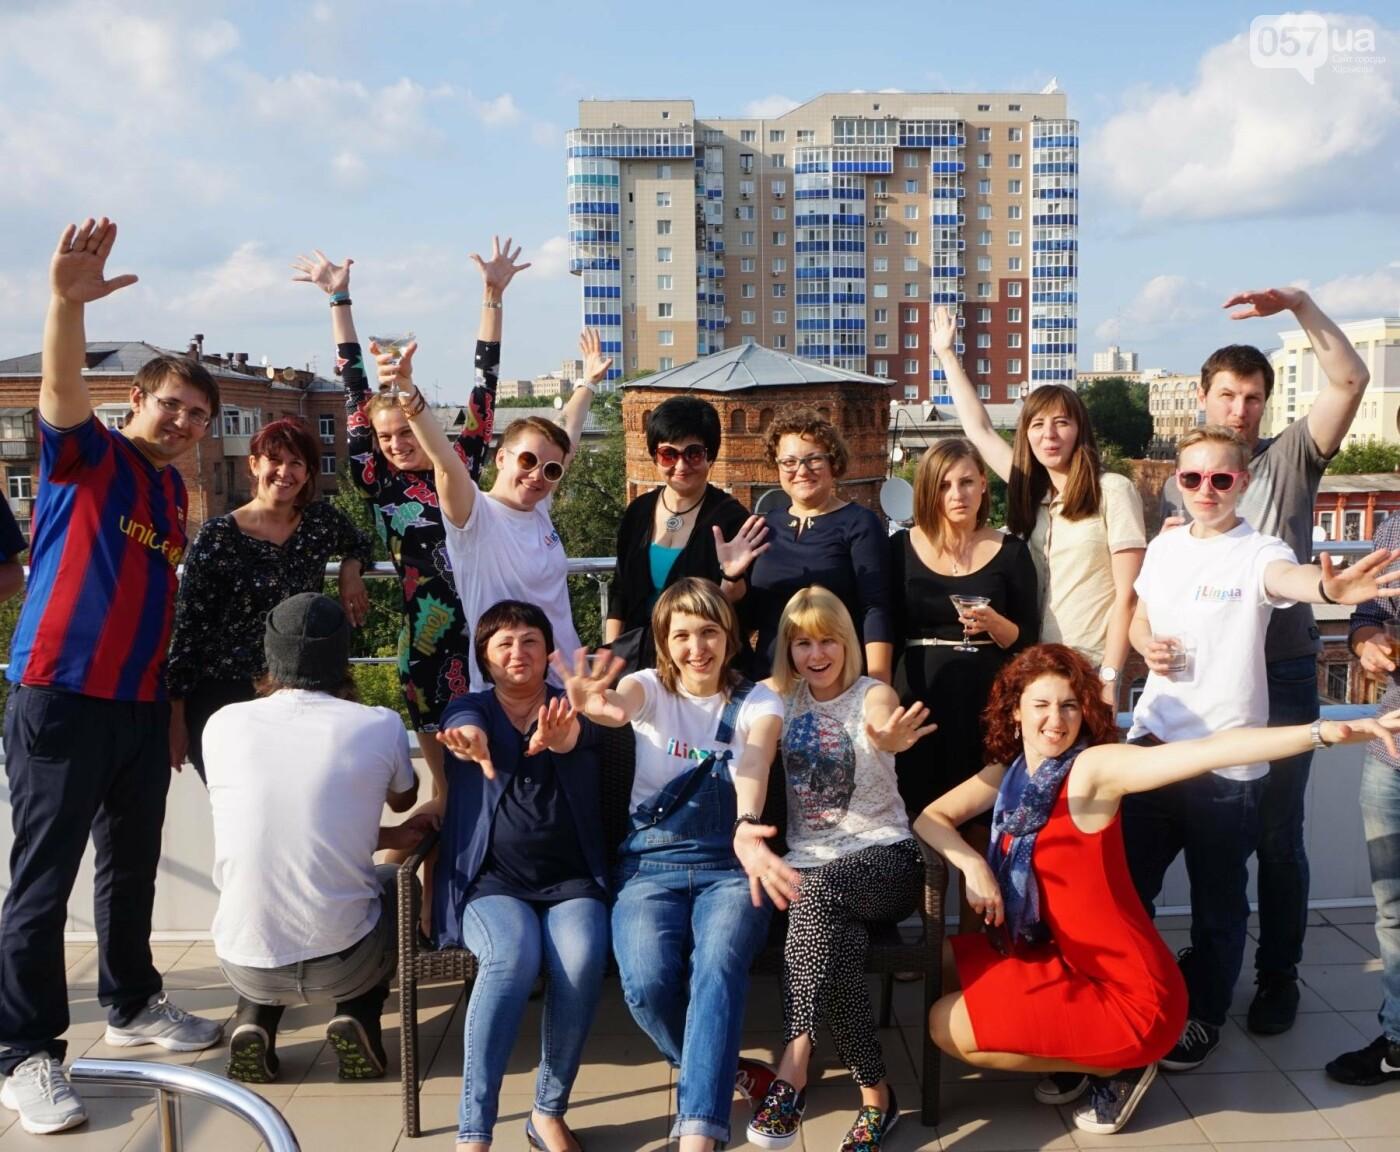 Курсы английского в Харькове ᐈ куда пойти учить английский?, фото-58